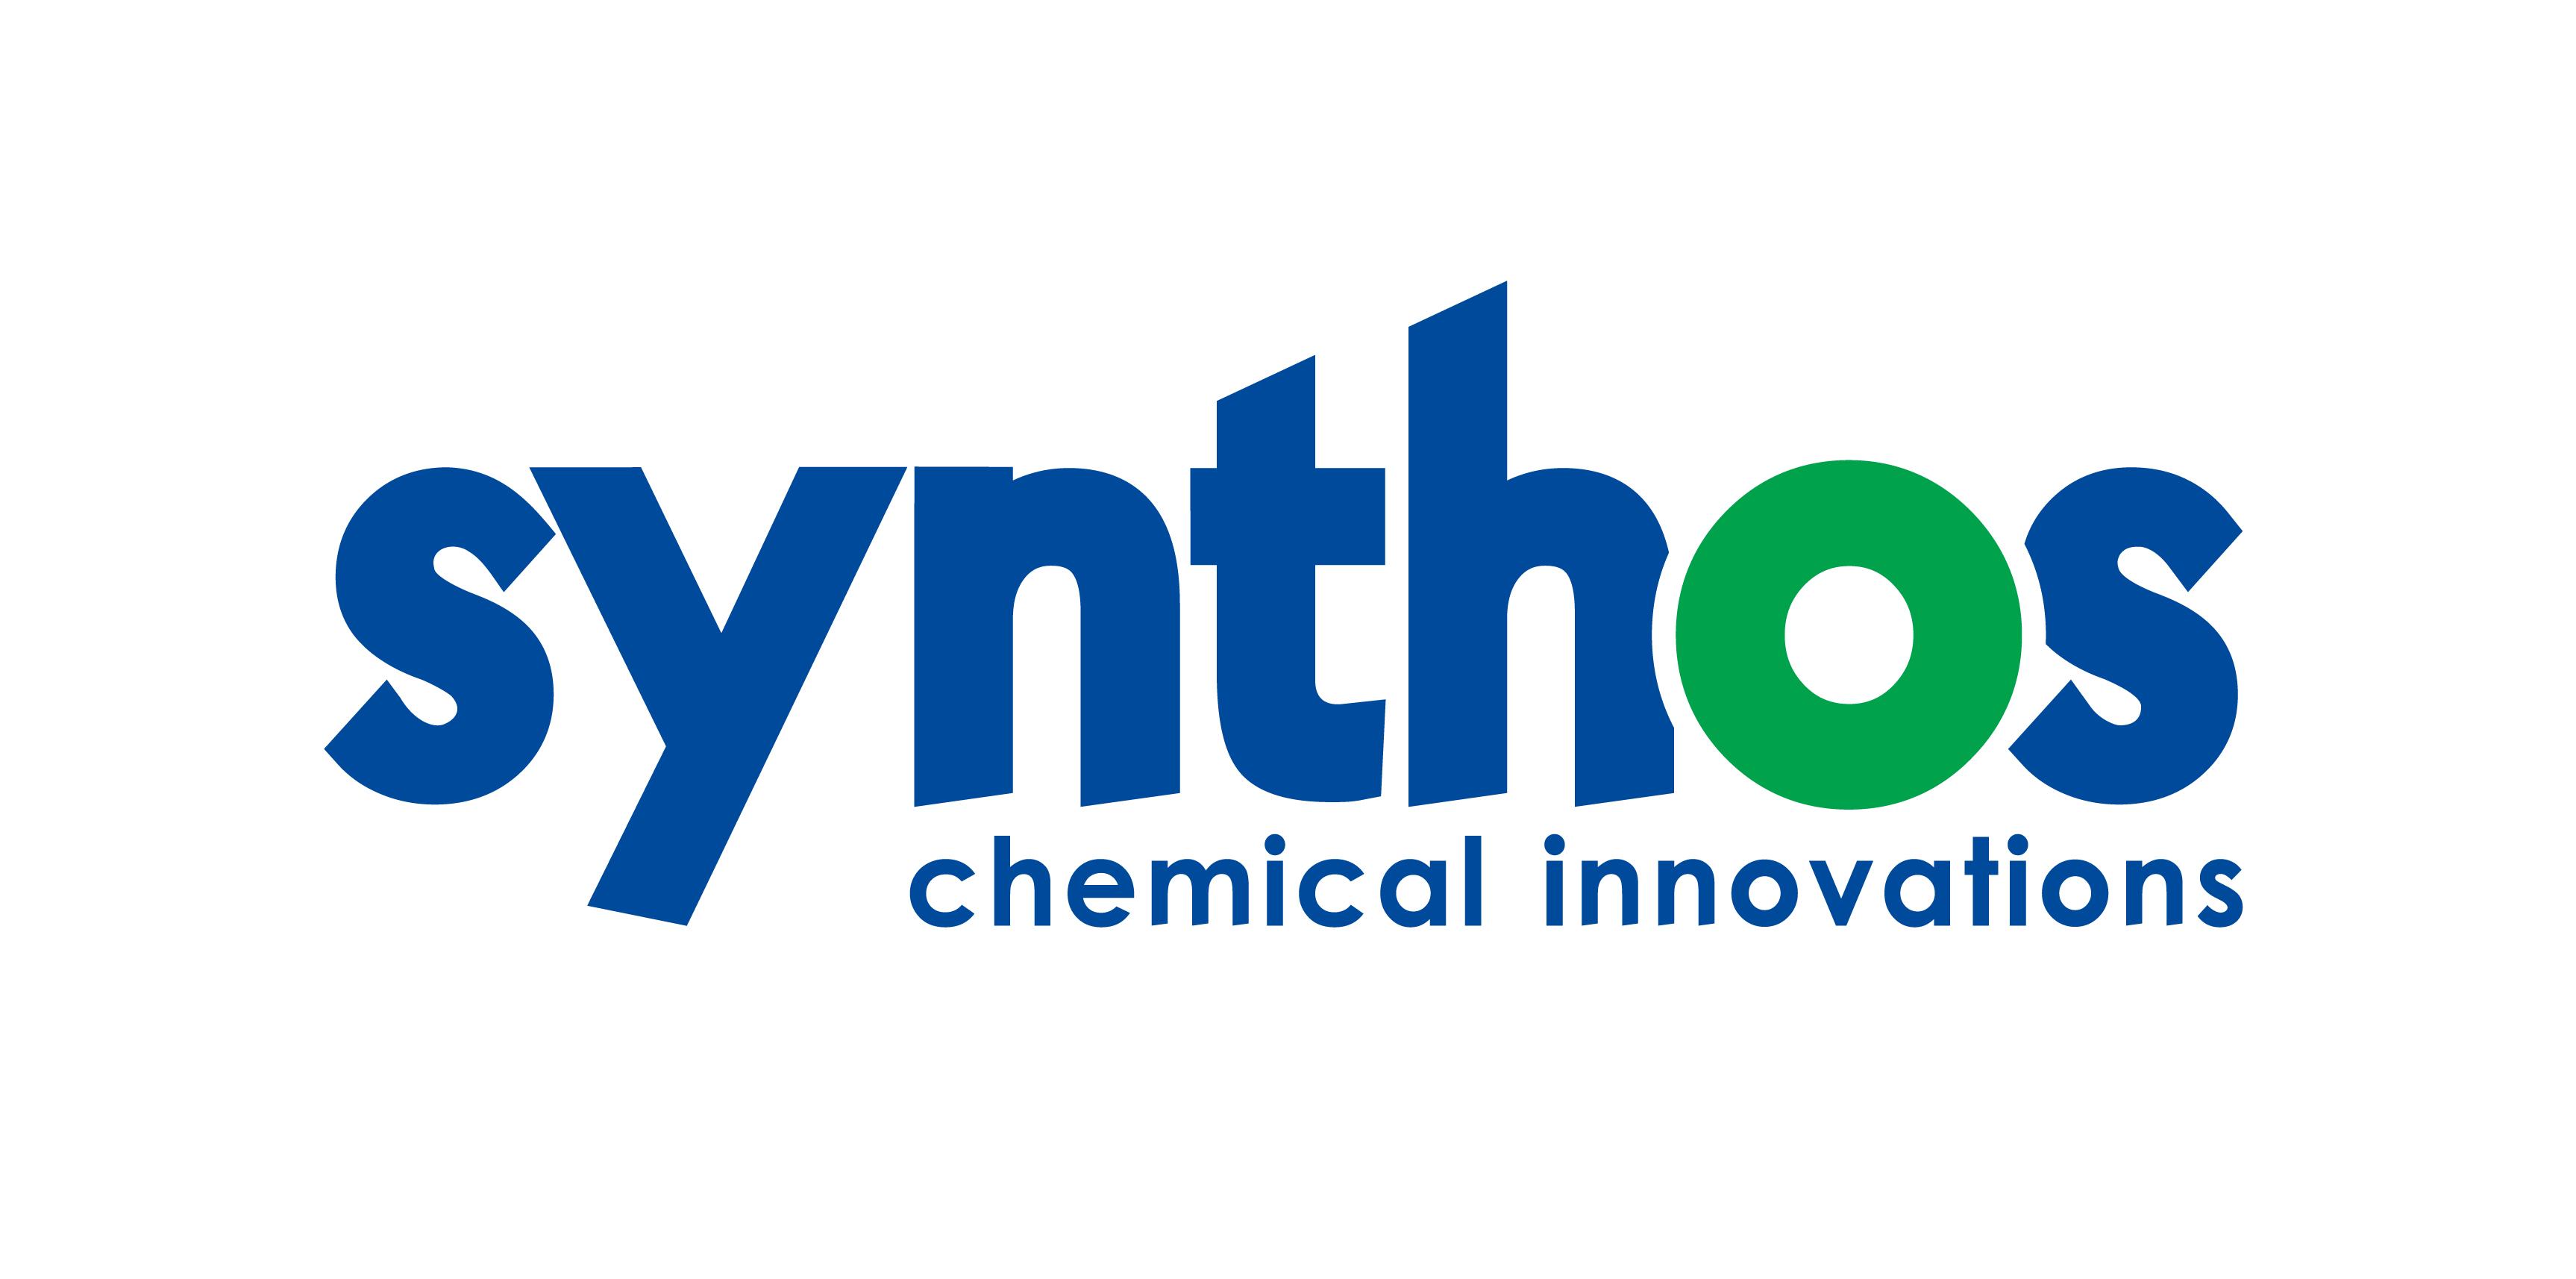 Sytuacja w firmie chemicznej Synthos S.A. - InfoBrzeszcze.pl